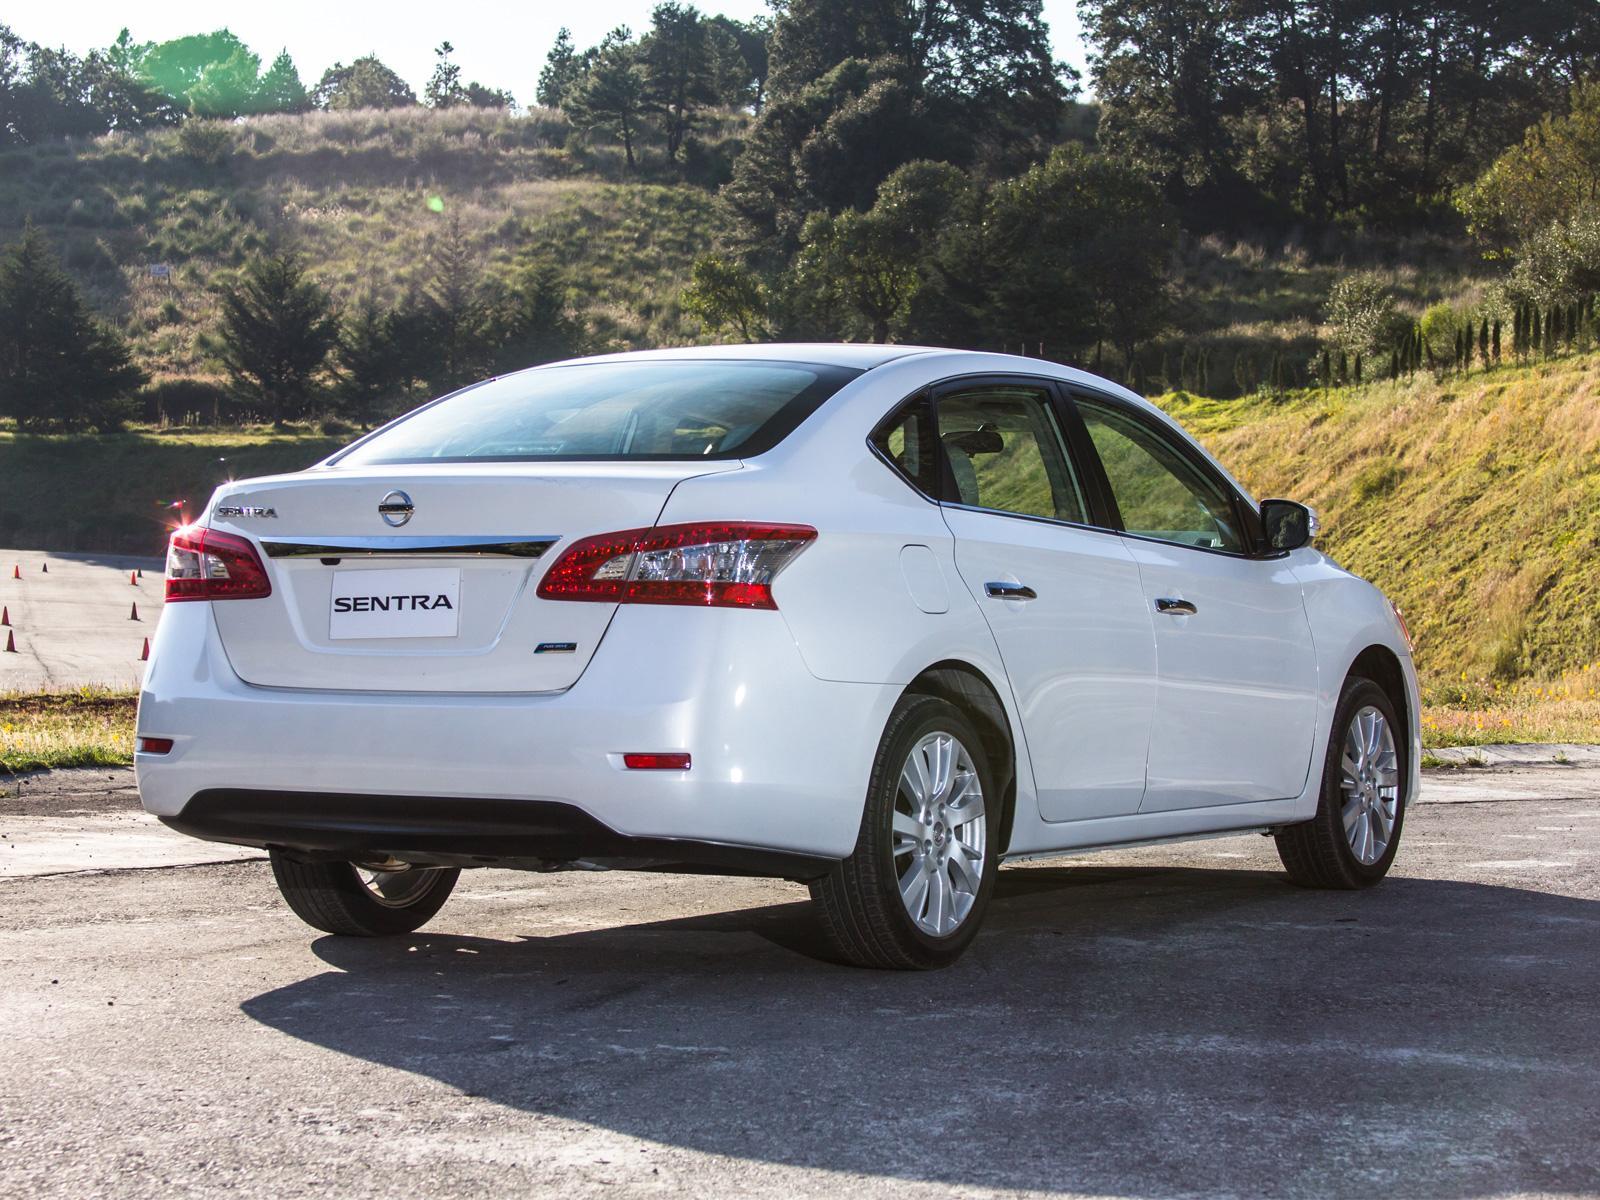 Nissan Sentra Exclusive Navi 2013 a prueba - Autocosmos.com